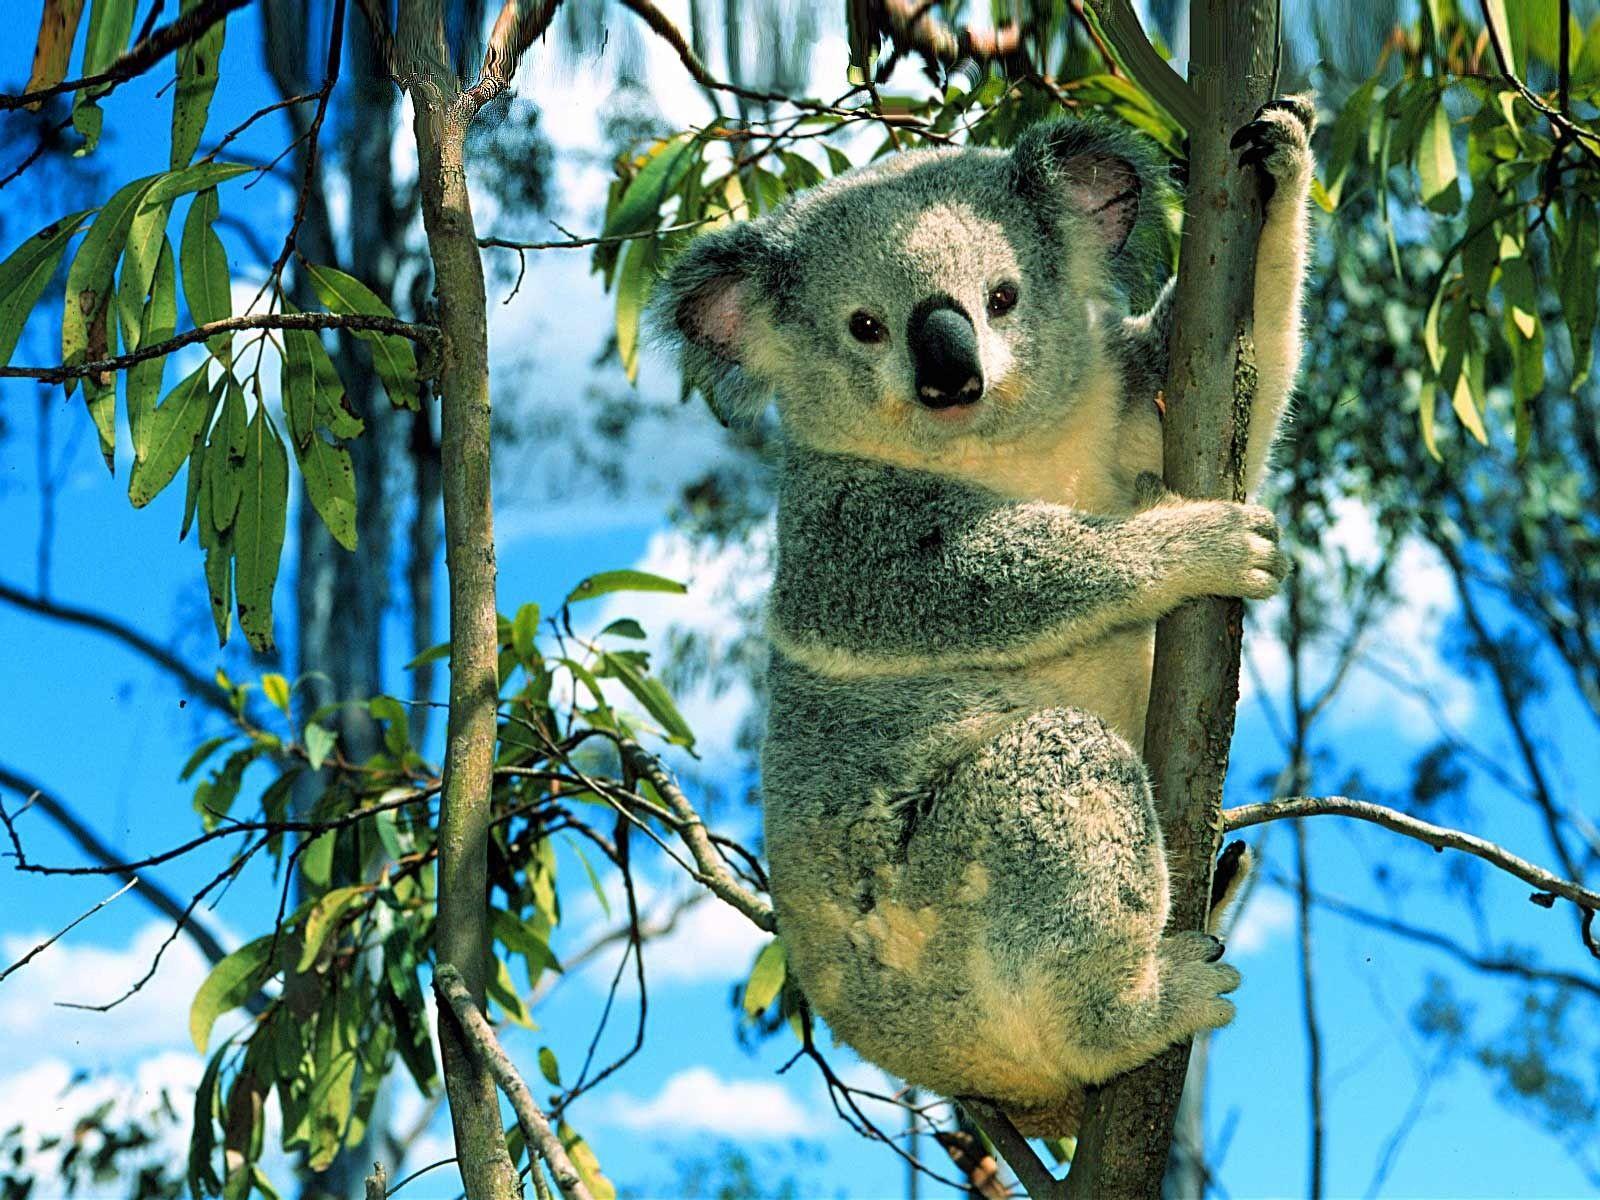 Cute Koala Bear Wallpaper Free for Desktop 1600x1200 px 49785 KB